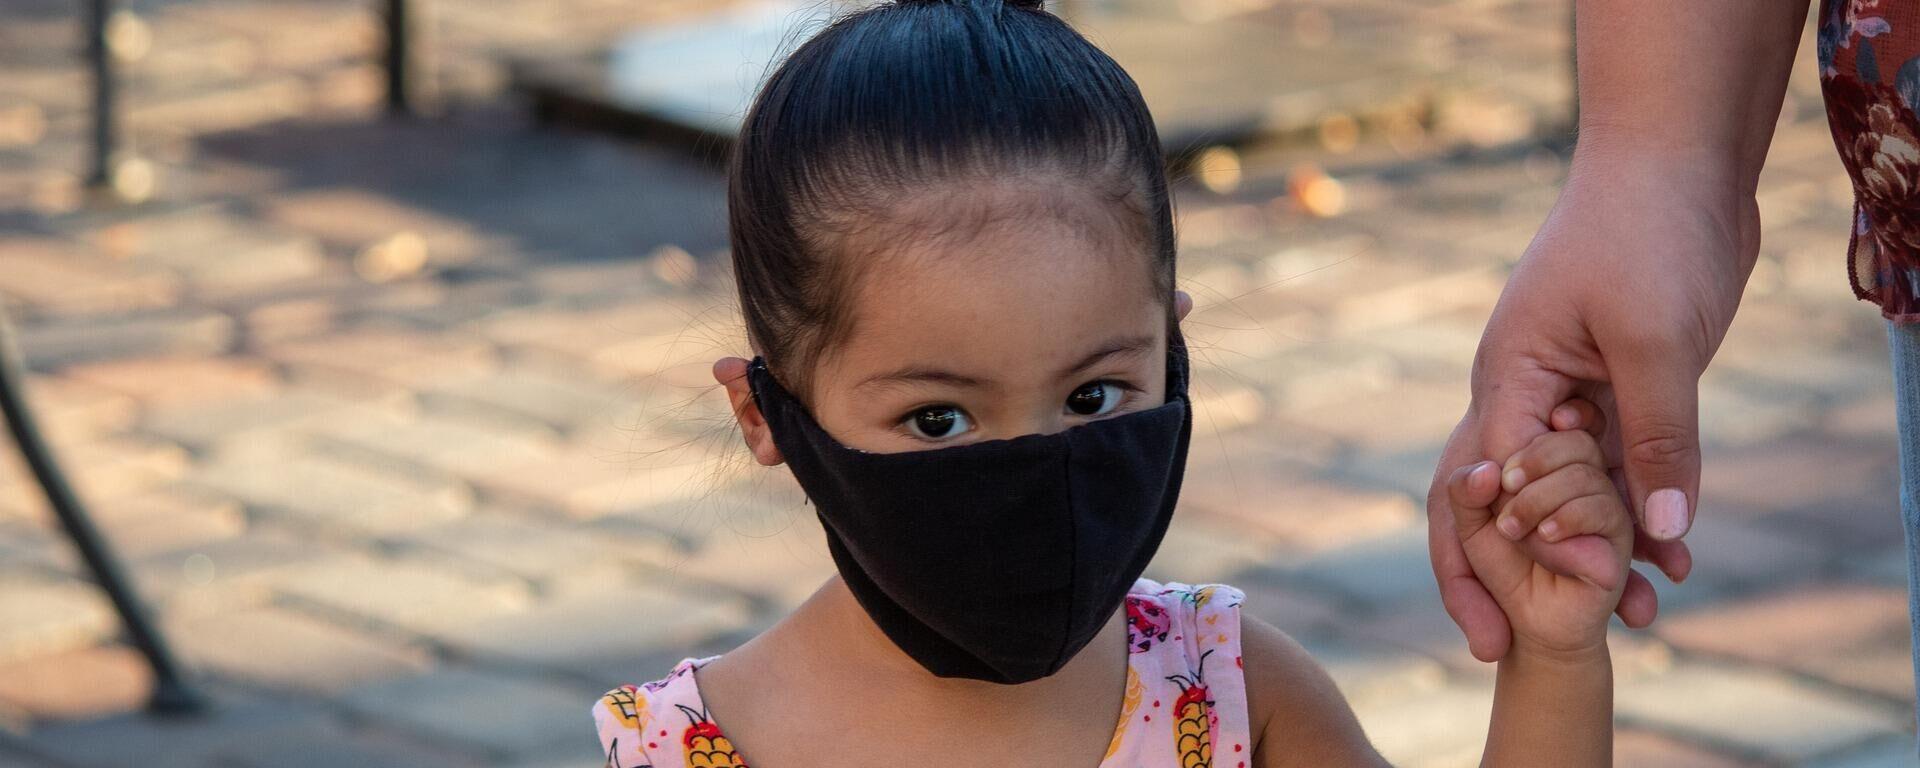 Ein Mädchen trägt eine Gesichtsmaske - SNA, 1920, 21.08.2021